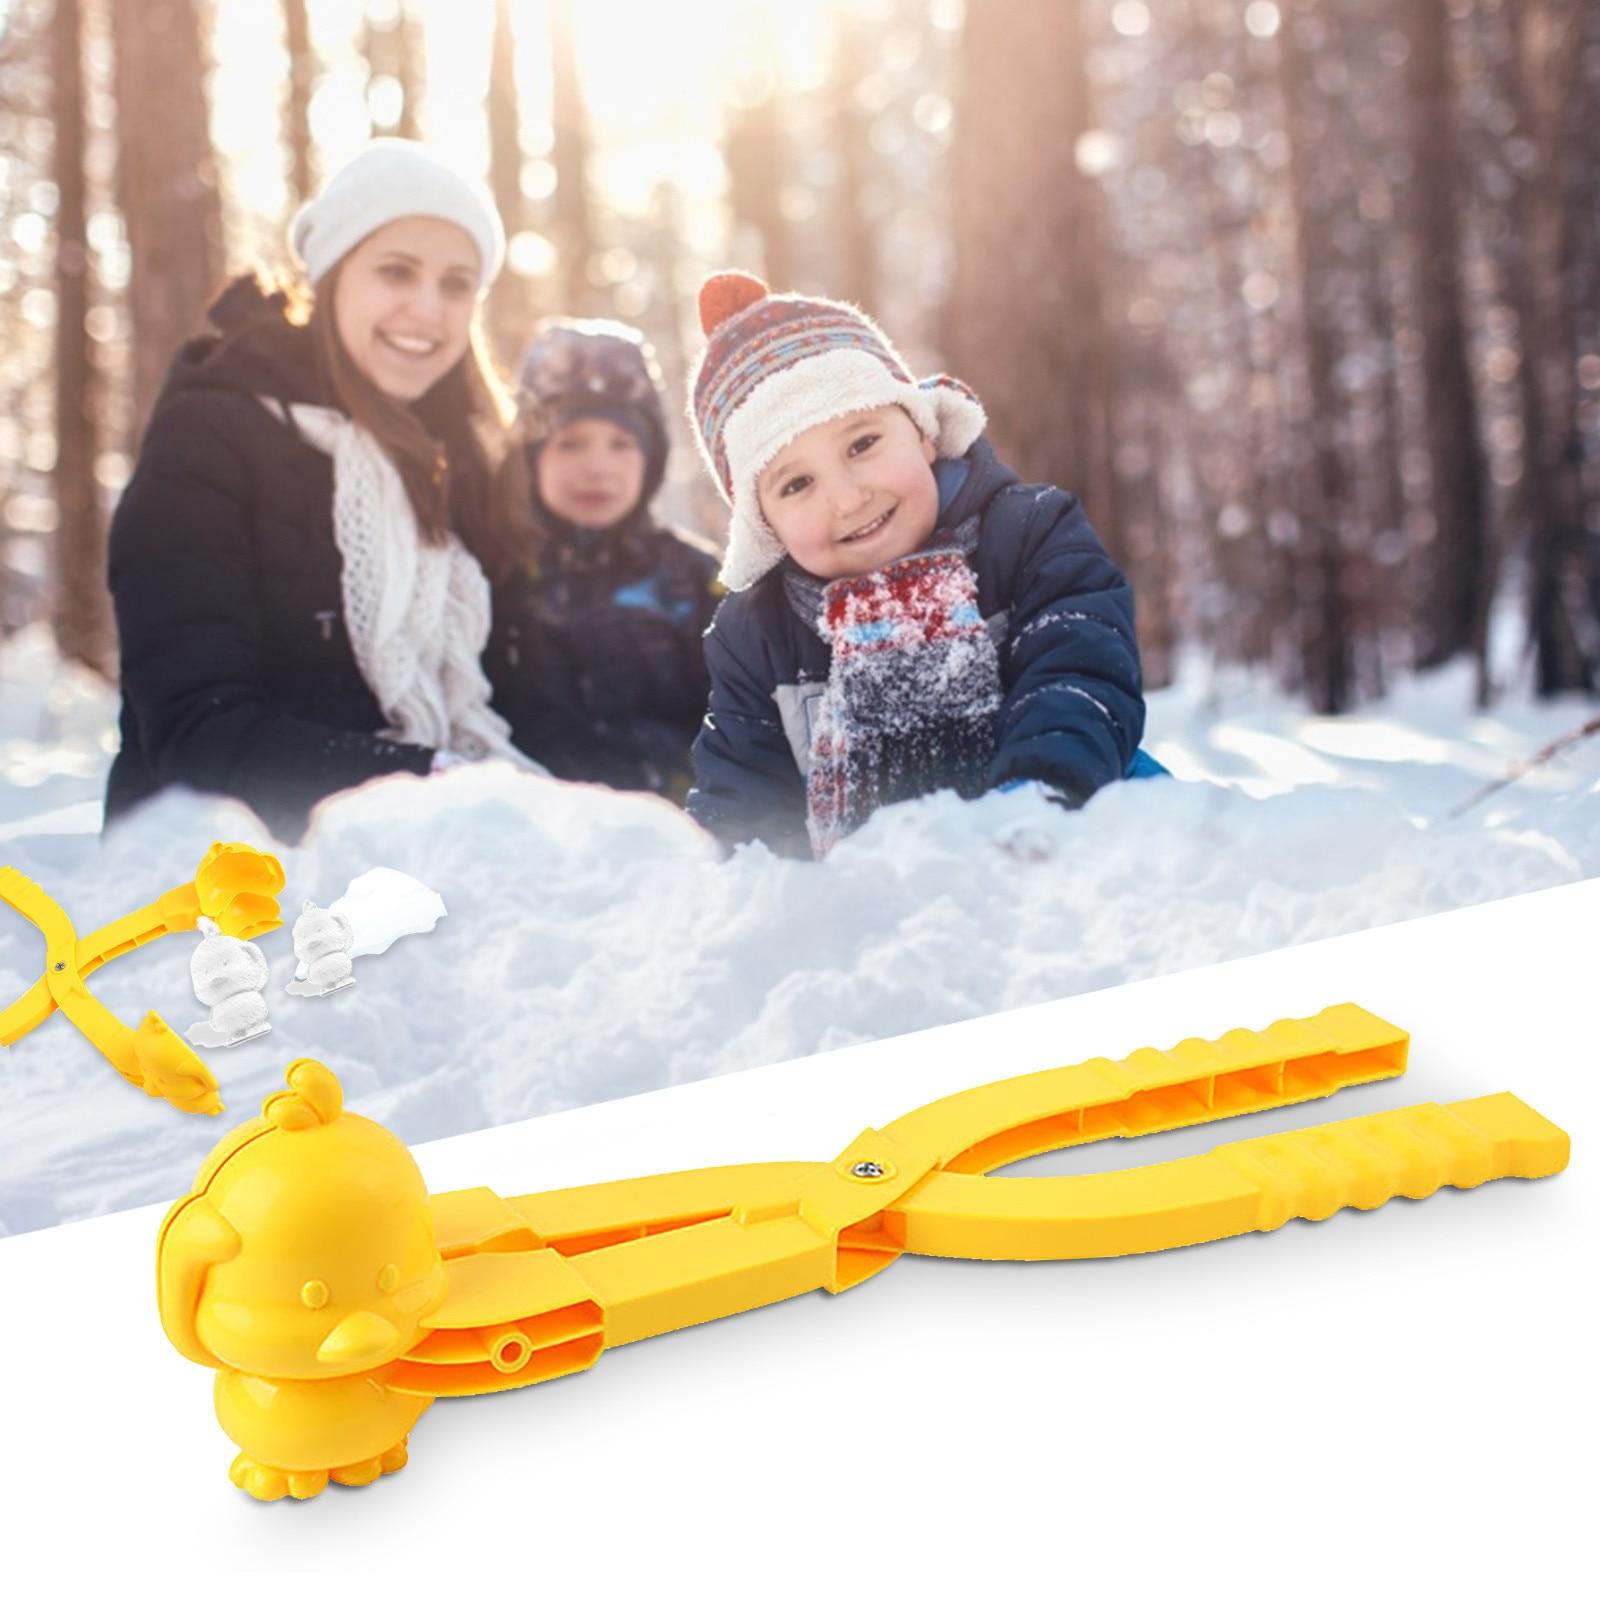 1pc hiver en plein air boule de neige fabricant sable moule outil enfants jouet neige Scoop fabricant pince boule de neige sport enfant jouet